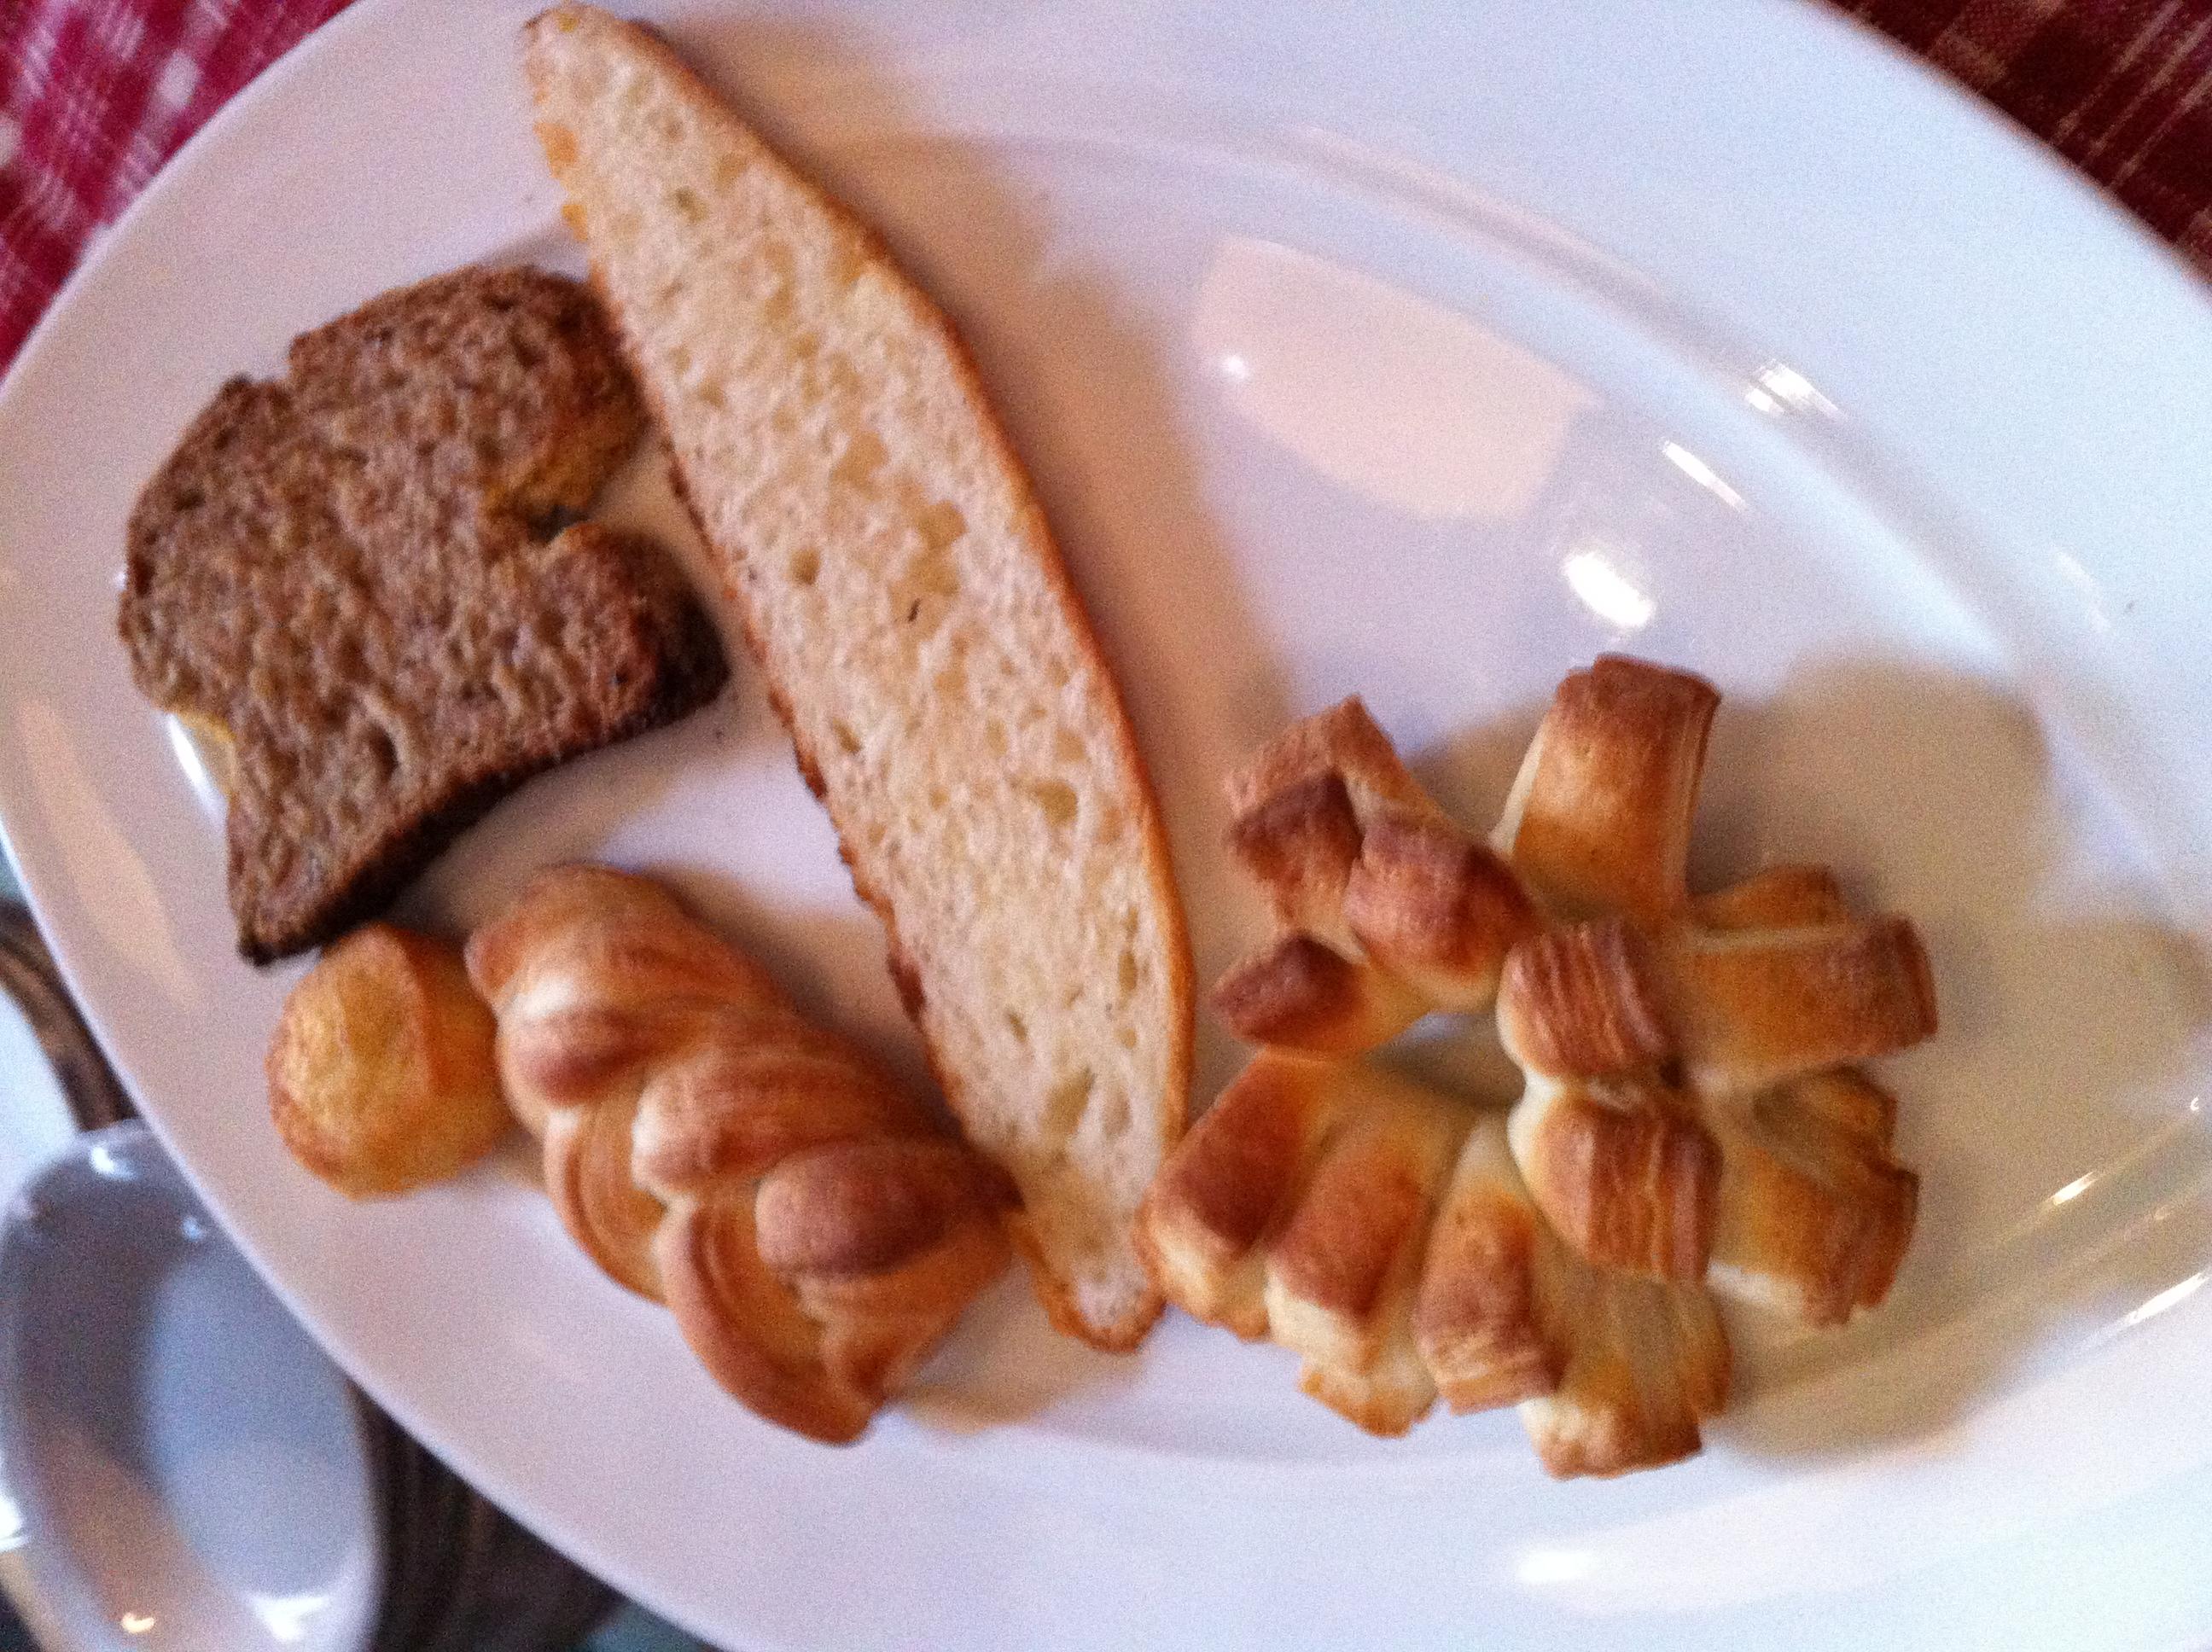 Os pães que foram servidos. Destaque para a Cremoninha fofa (este que parece uma estrela)!